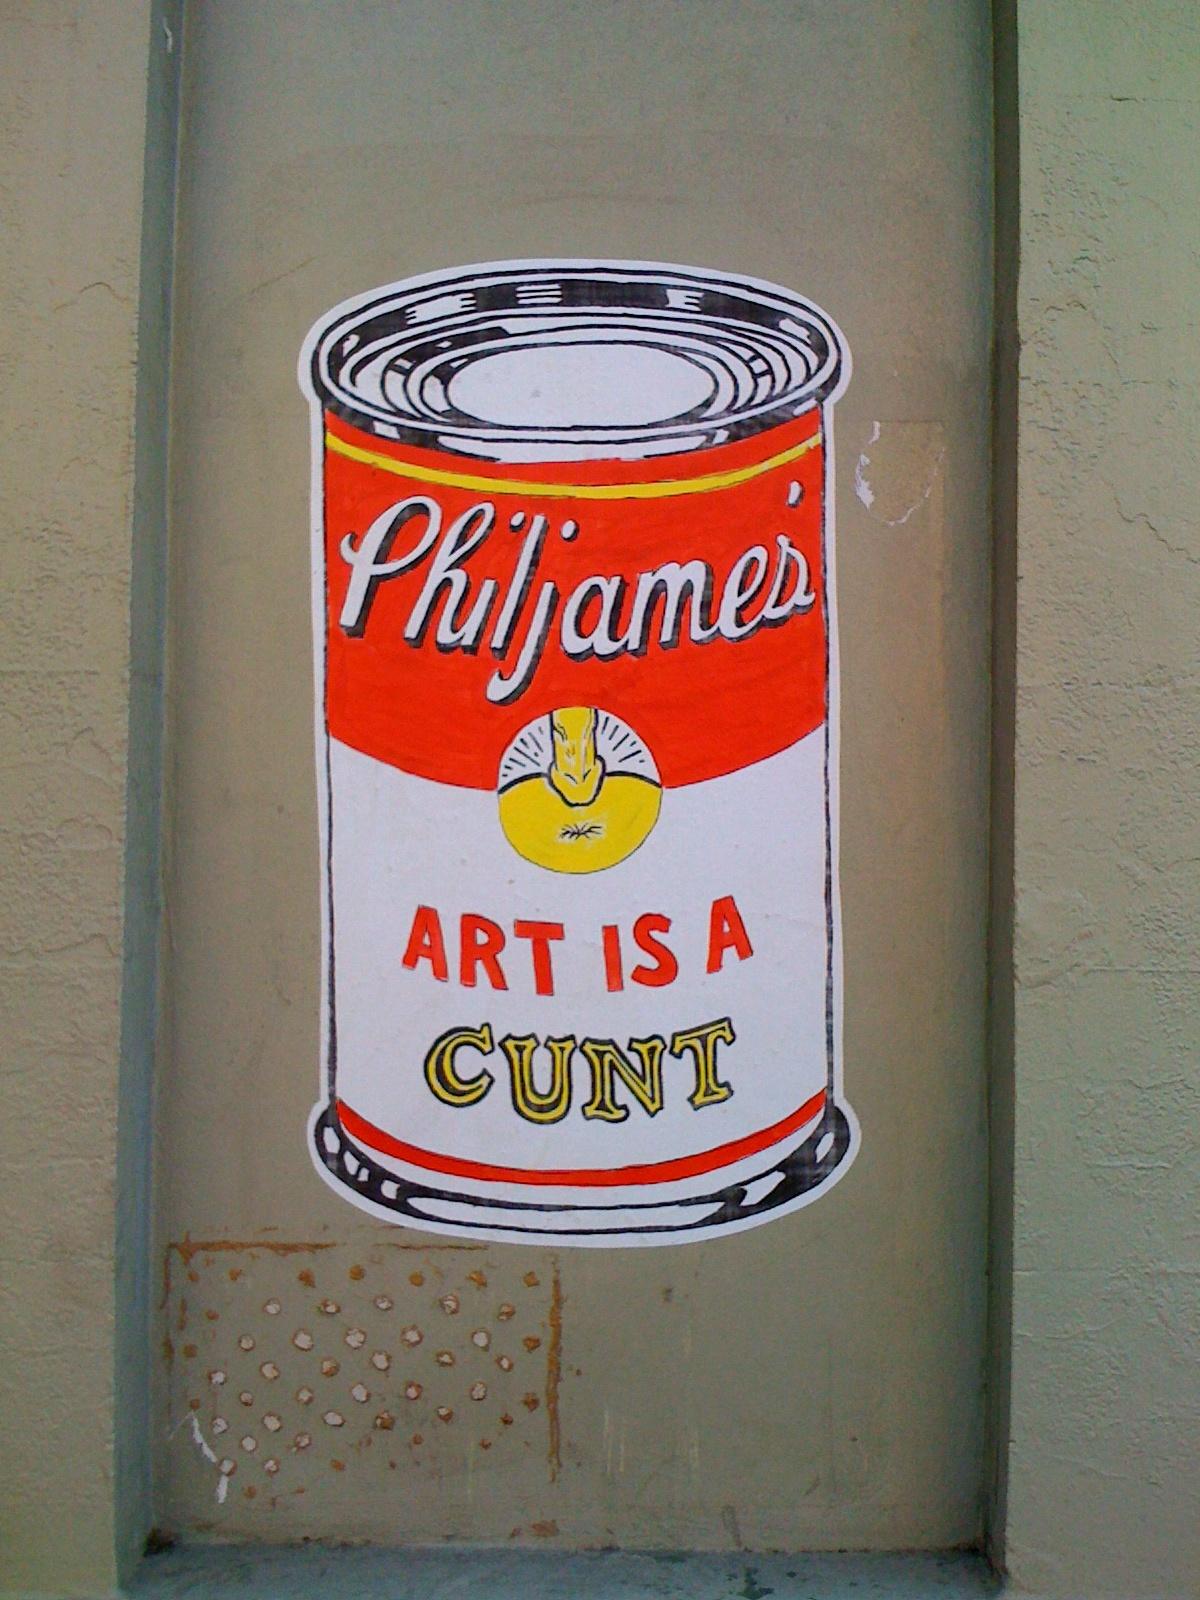 http://1.bp.blogspot.com/-CezO_epcr0A/TWc9sRHxLyI/AAAAAAAAA-A/3ArmSEmRIfk/s1600/phil-james-art-cunt-poster-1.jpg